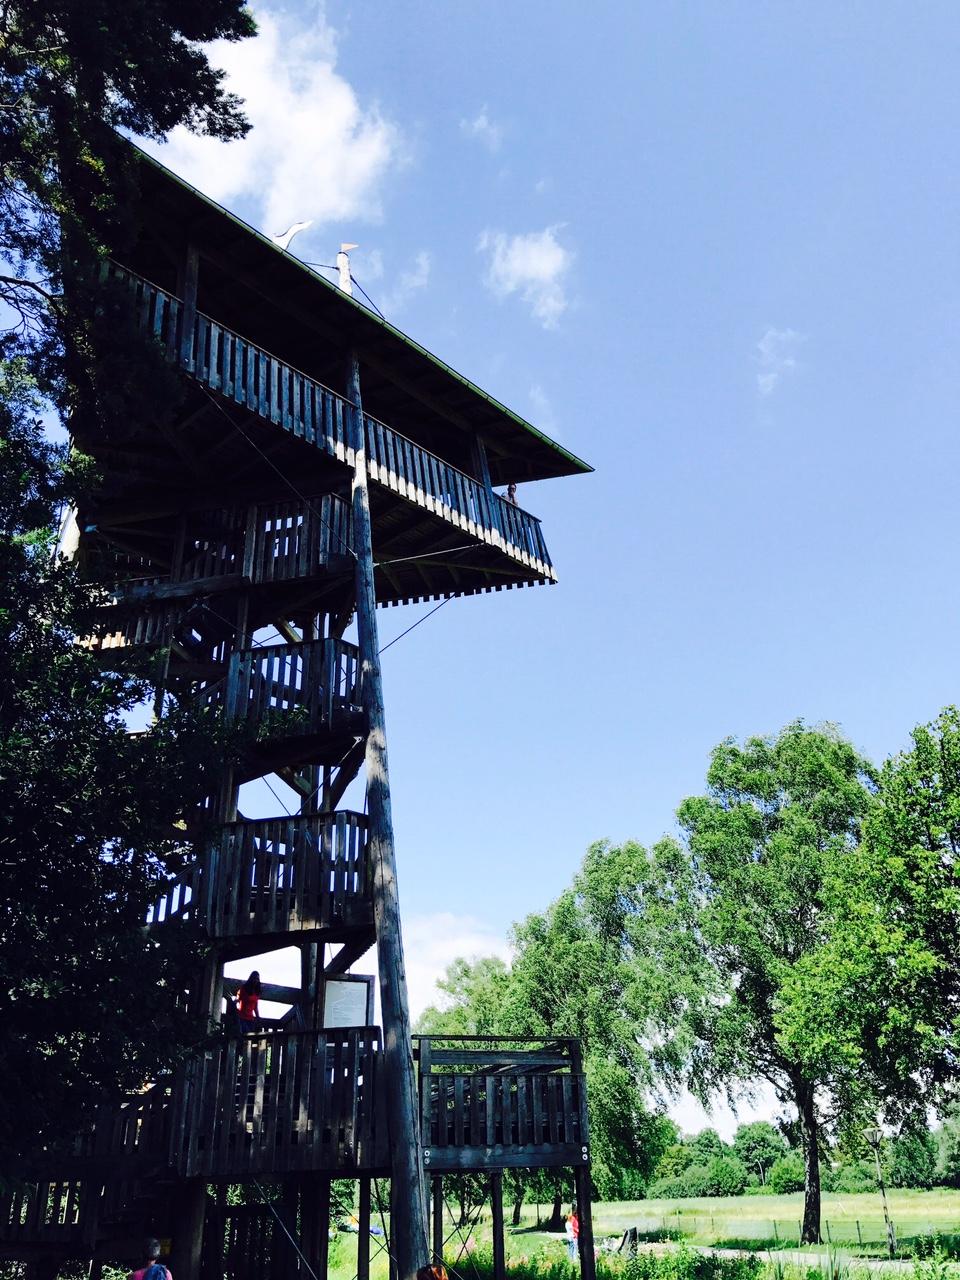 Ausflugstipps NRW, Aussichtsturm im Gartenschaupark Rietberg